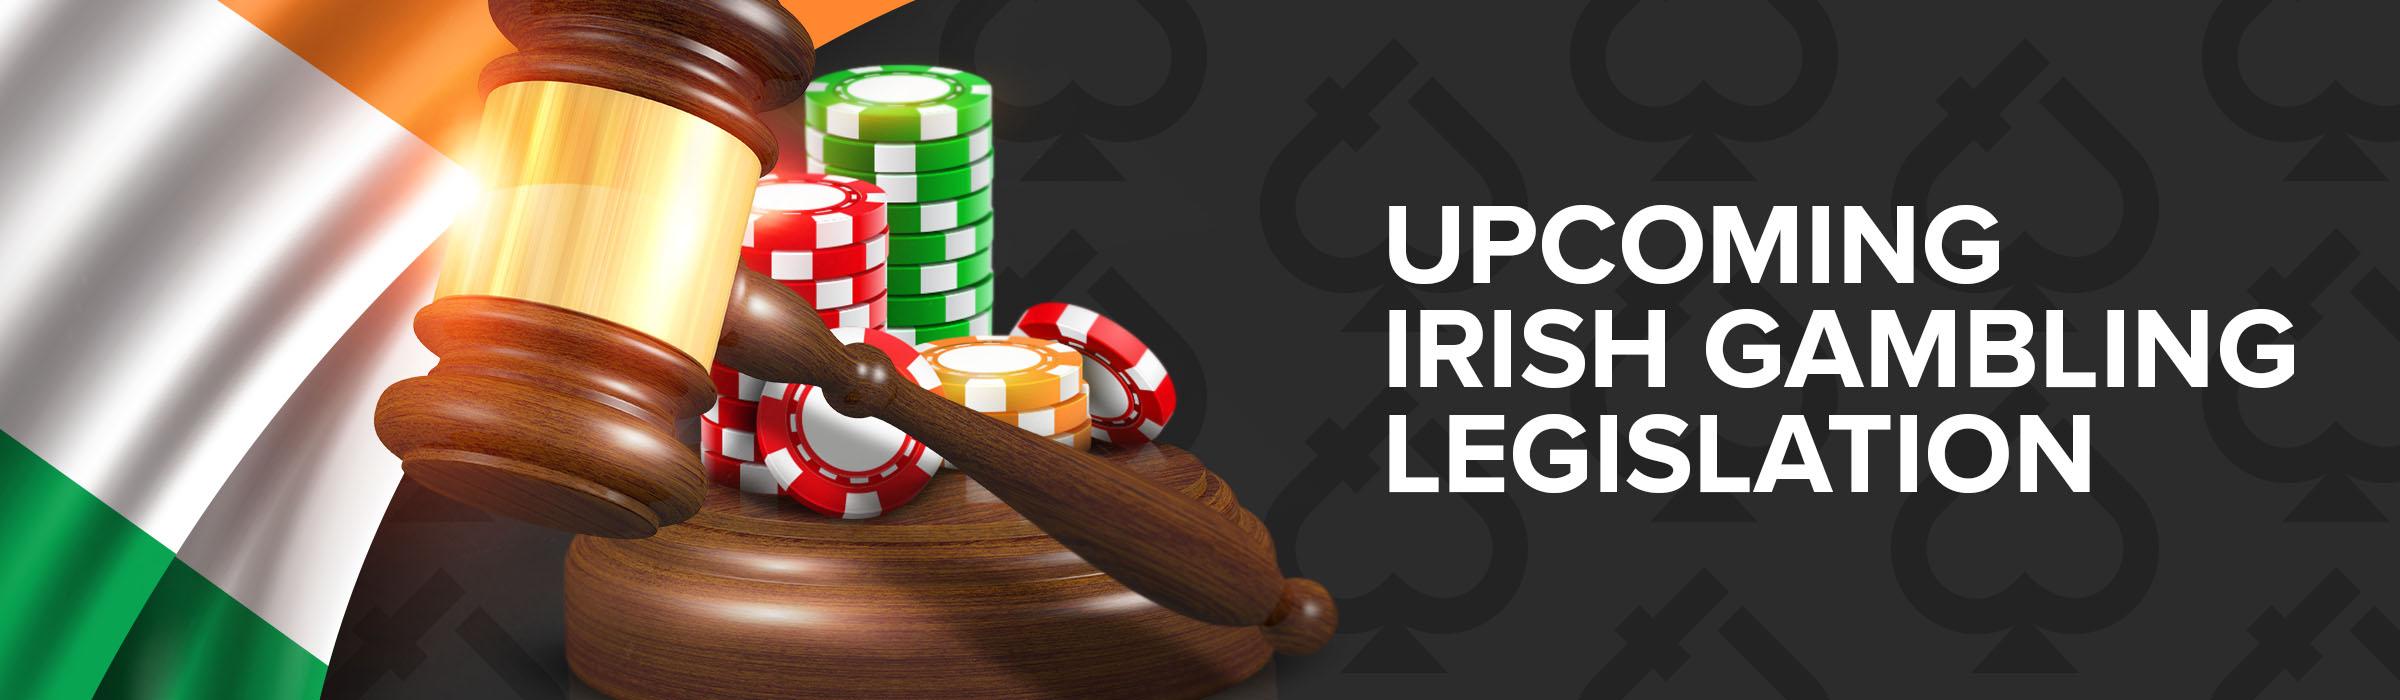 Upcoming Irish Gambling Legislation